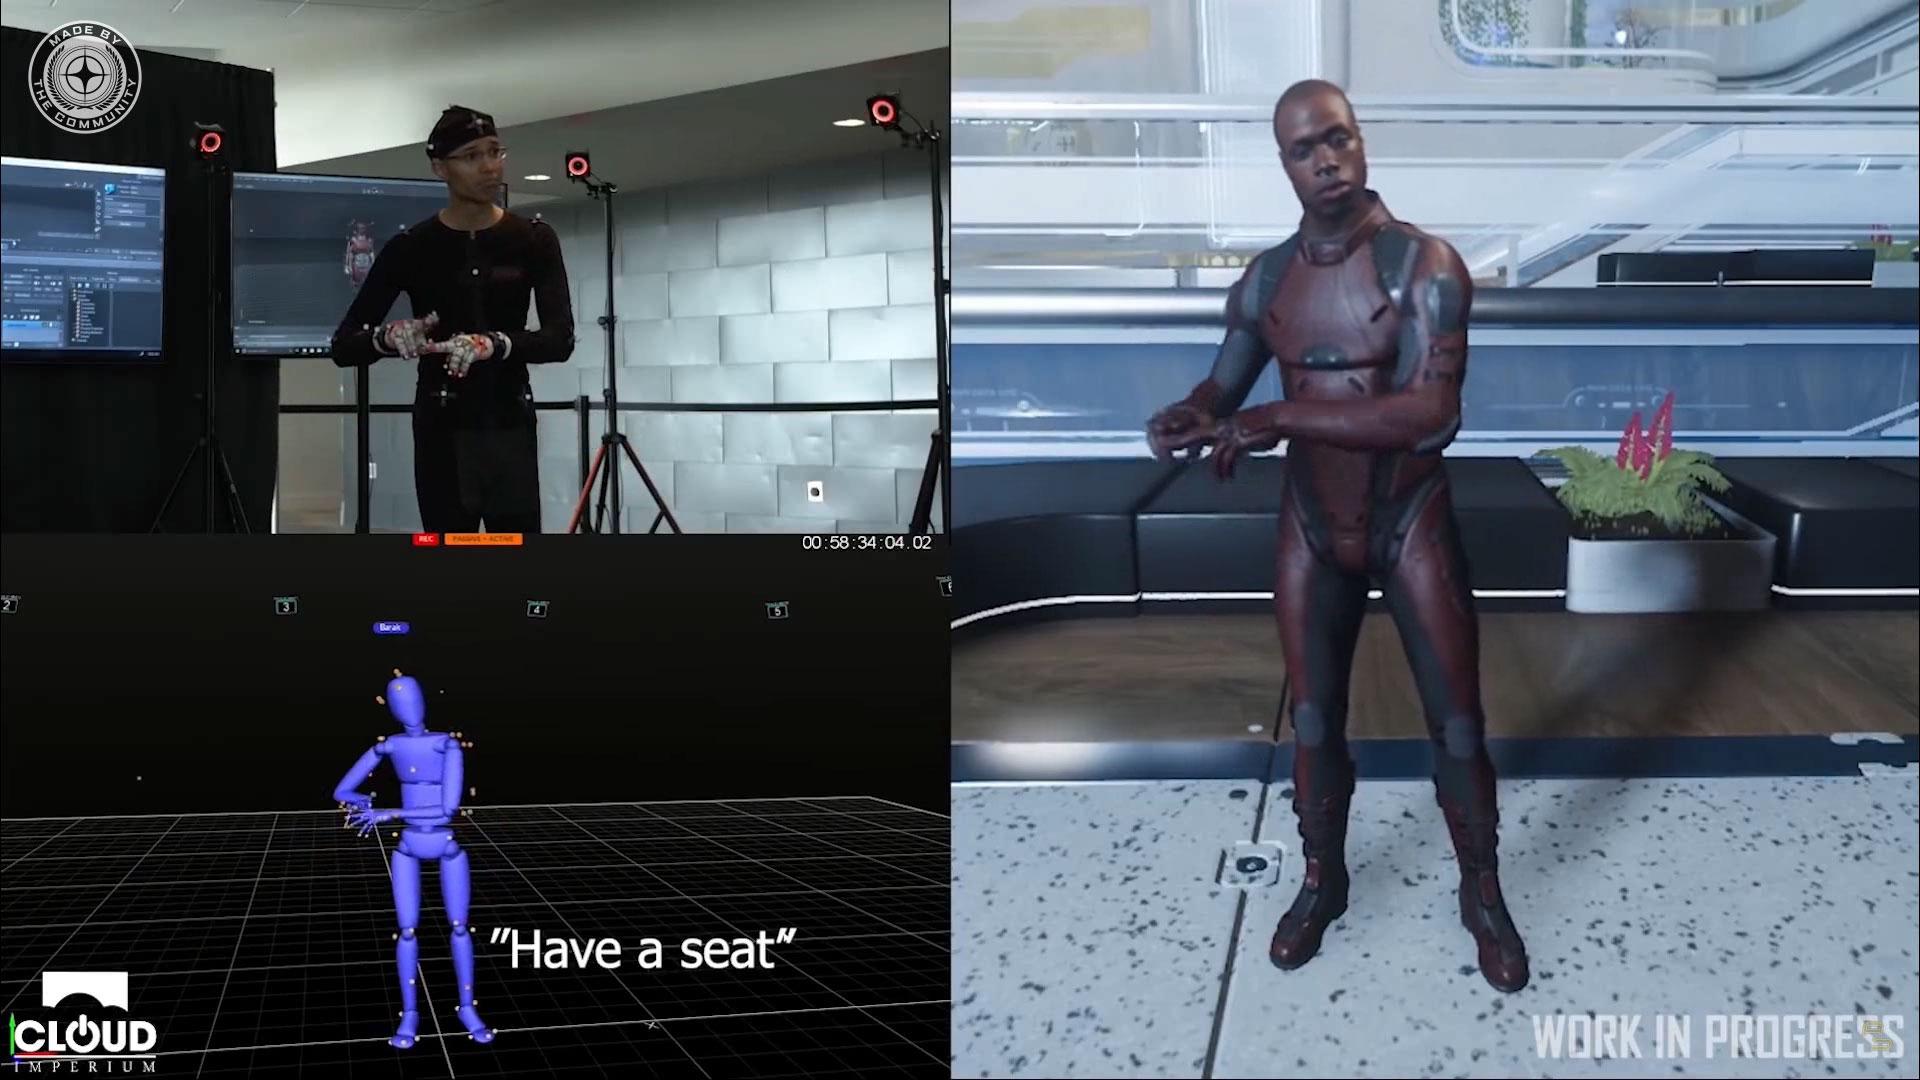 In Star Citizen einem Crowdfunding Spiel werden Gebärden zur interaktion zwischen Spieler eingesetzt.